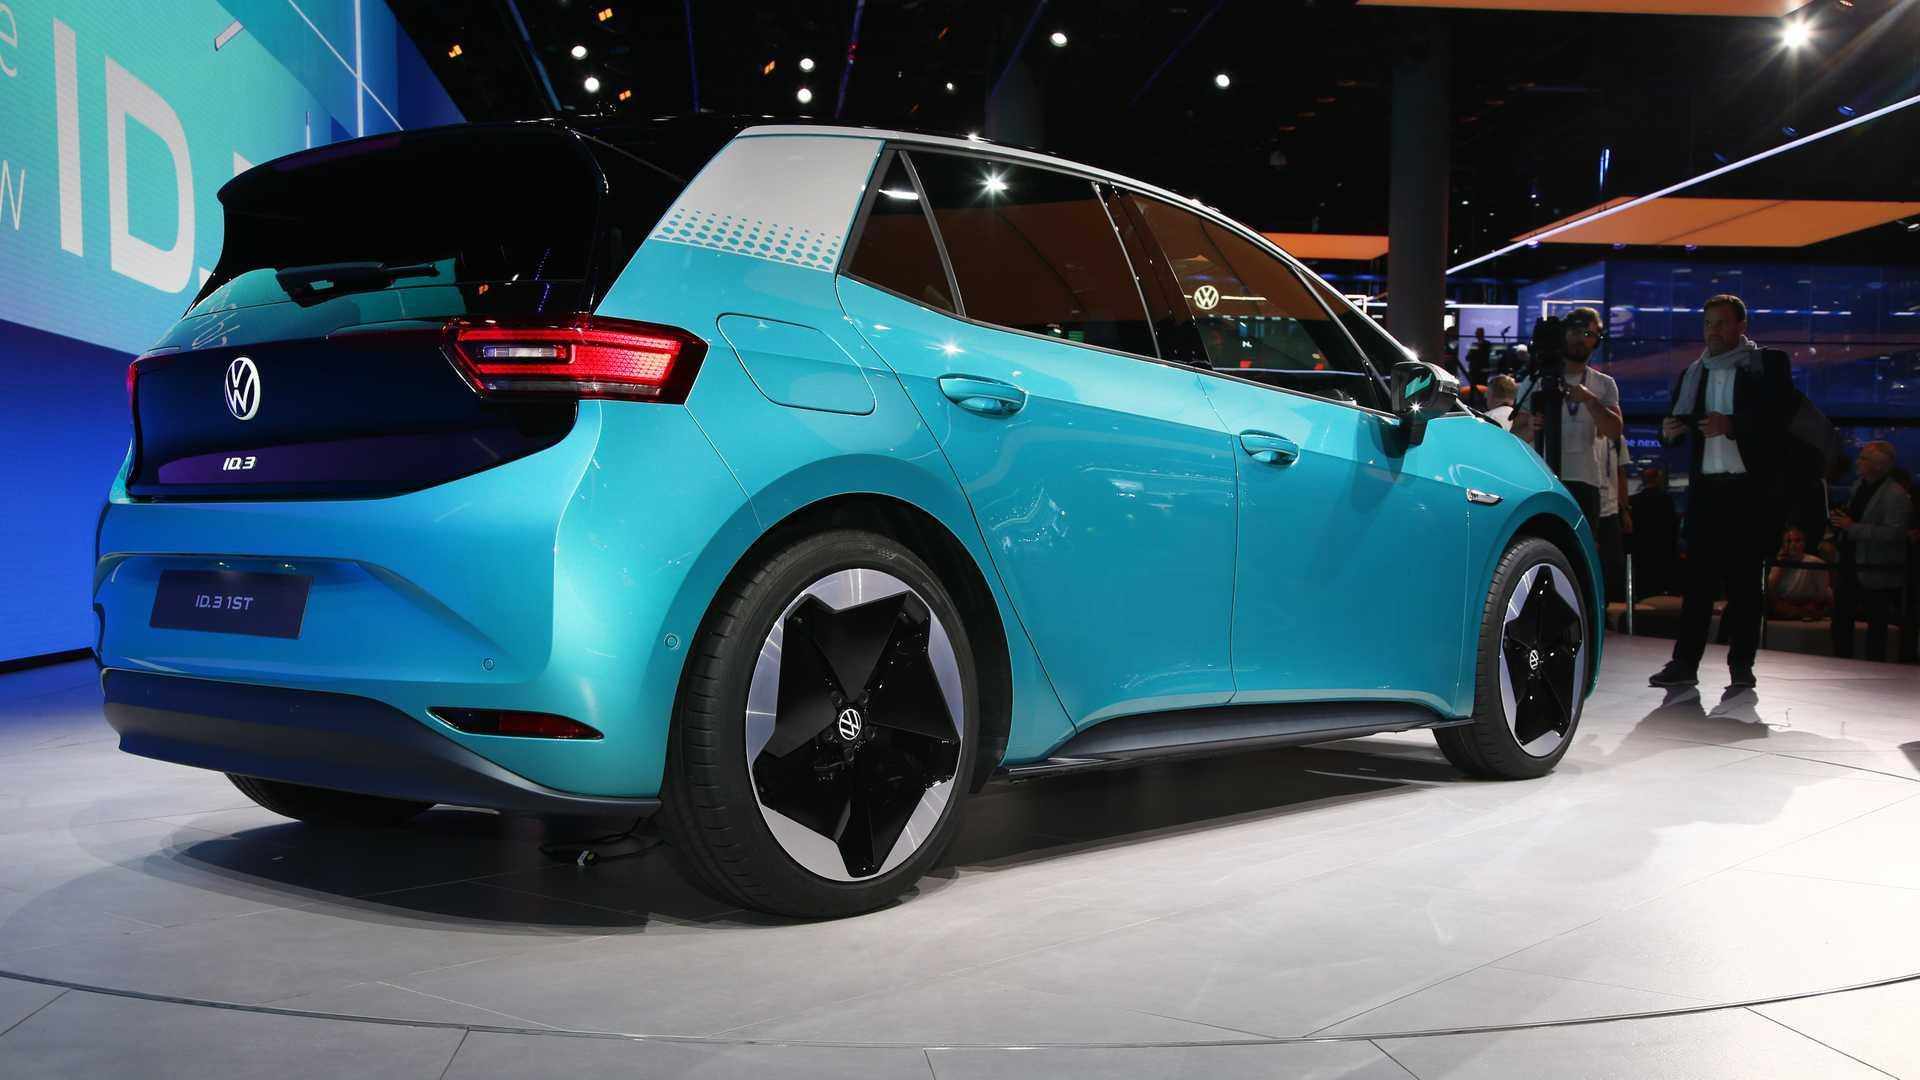 Xe điện Volkswagen ID.3 chính thức ra mắt - 16